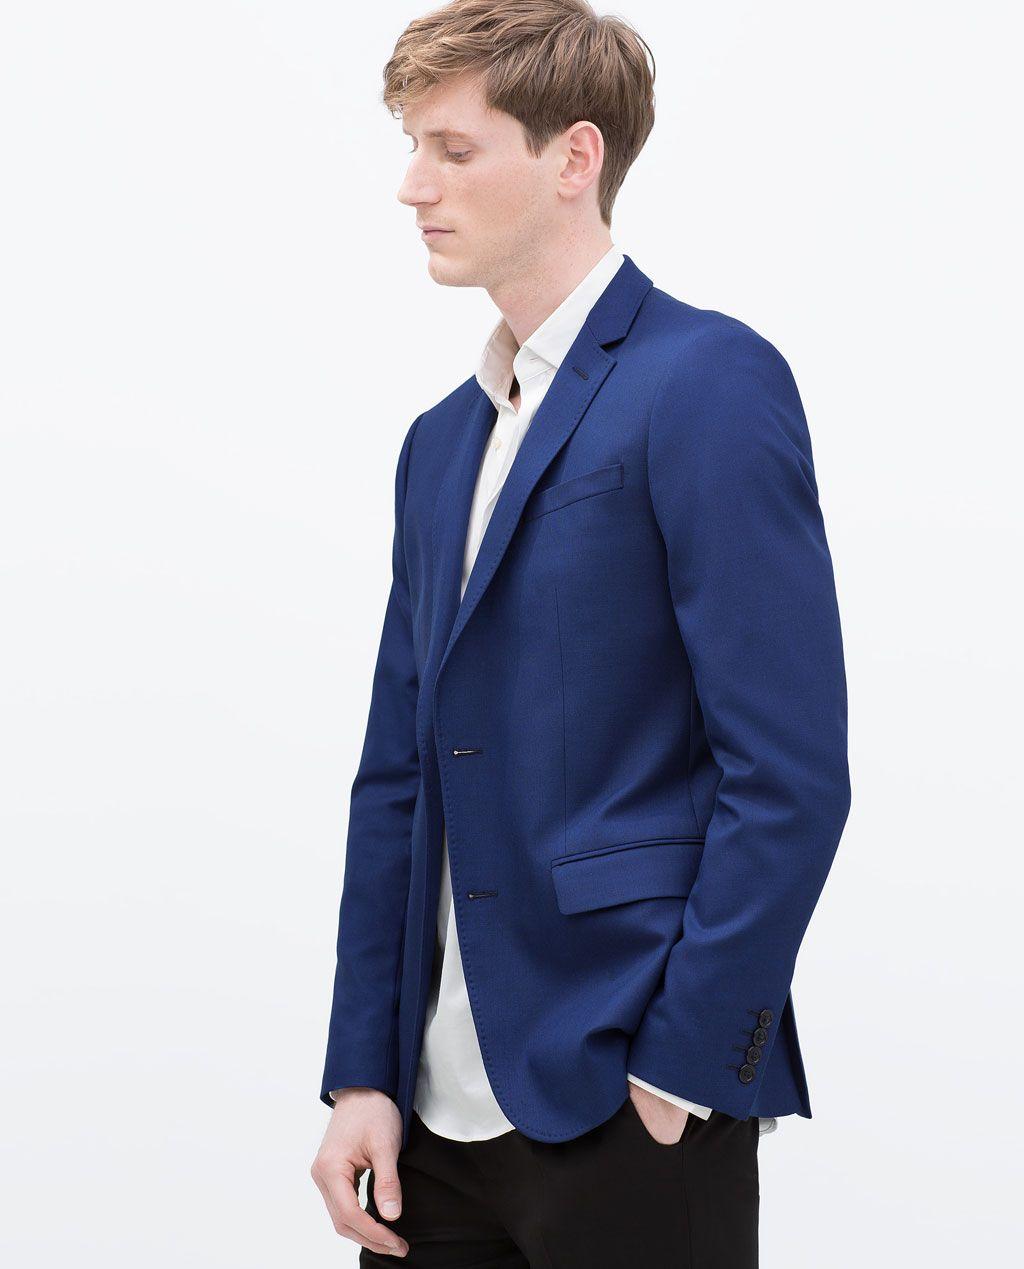 b52b7685 ZARA - MAN - BASIC BLAZER | Blazer men in 2019 | Blazer, Blazers for ...